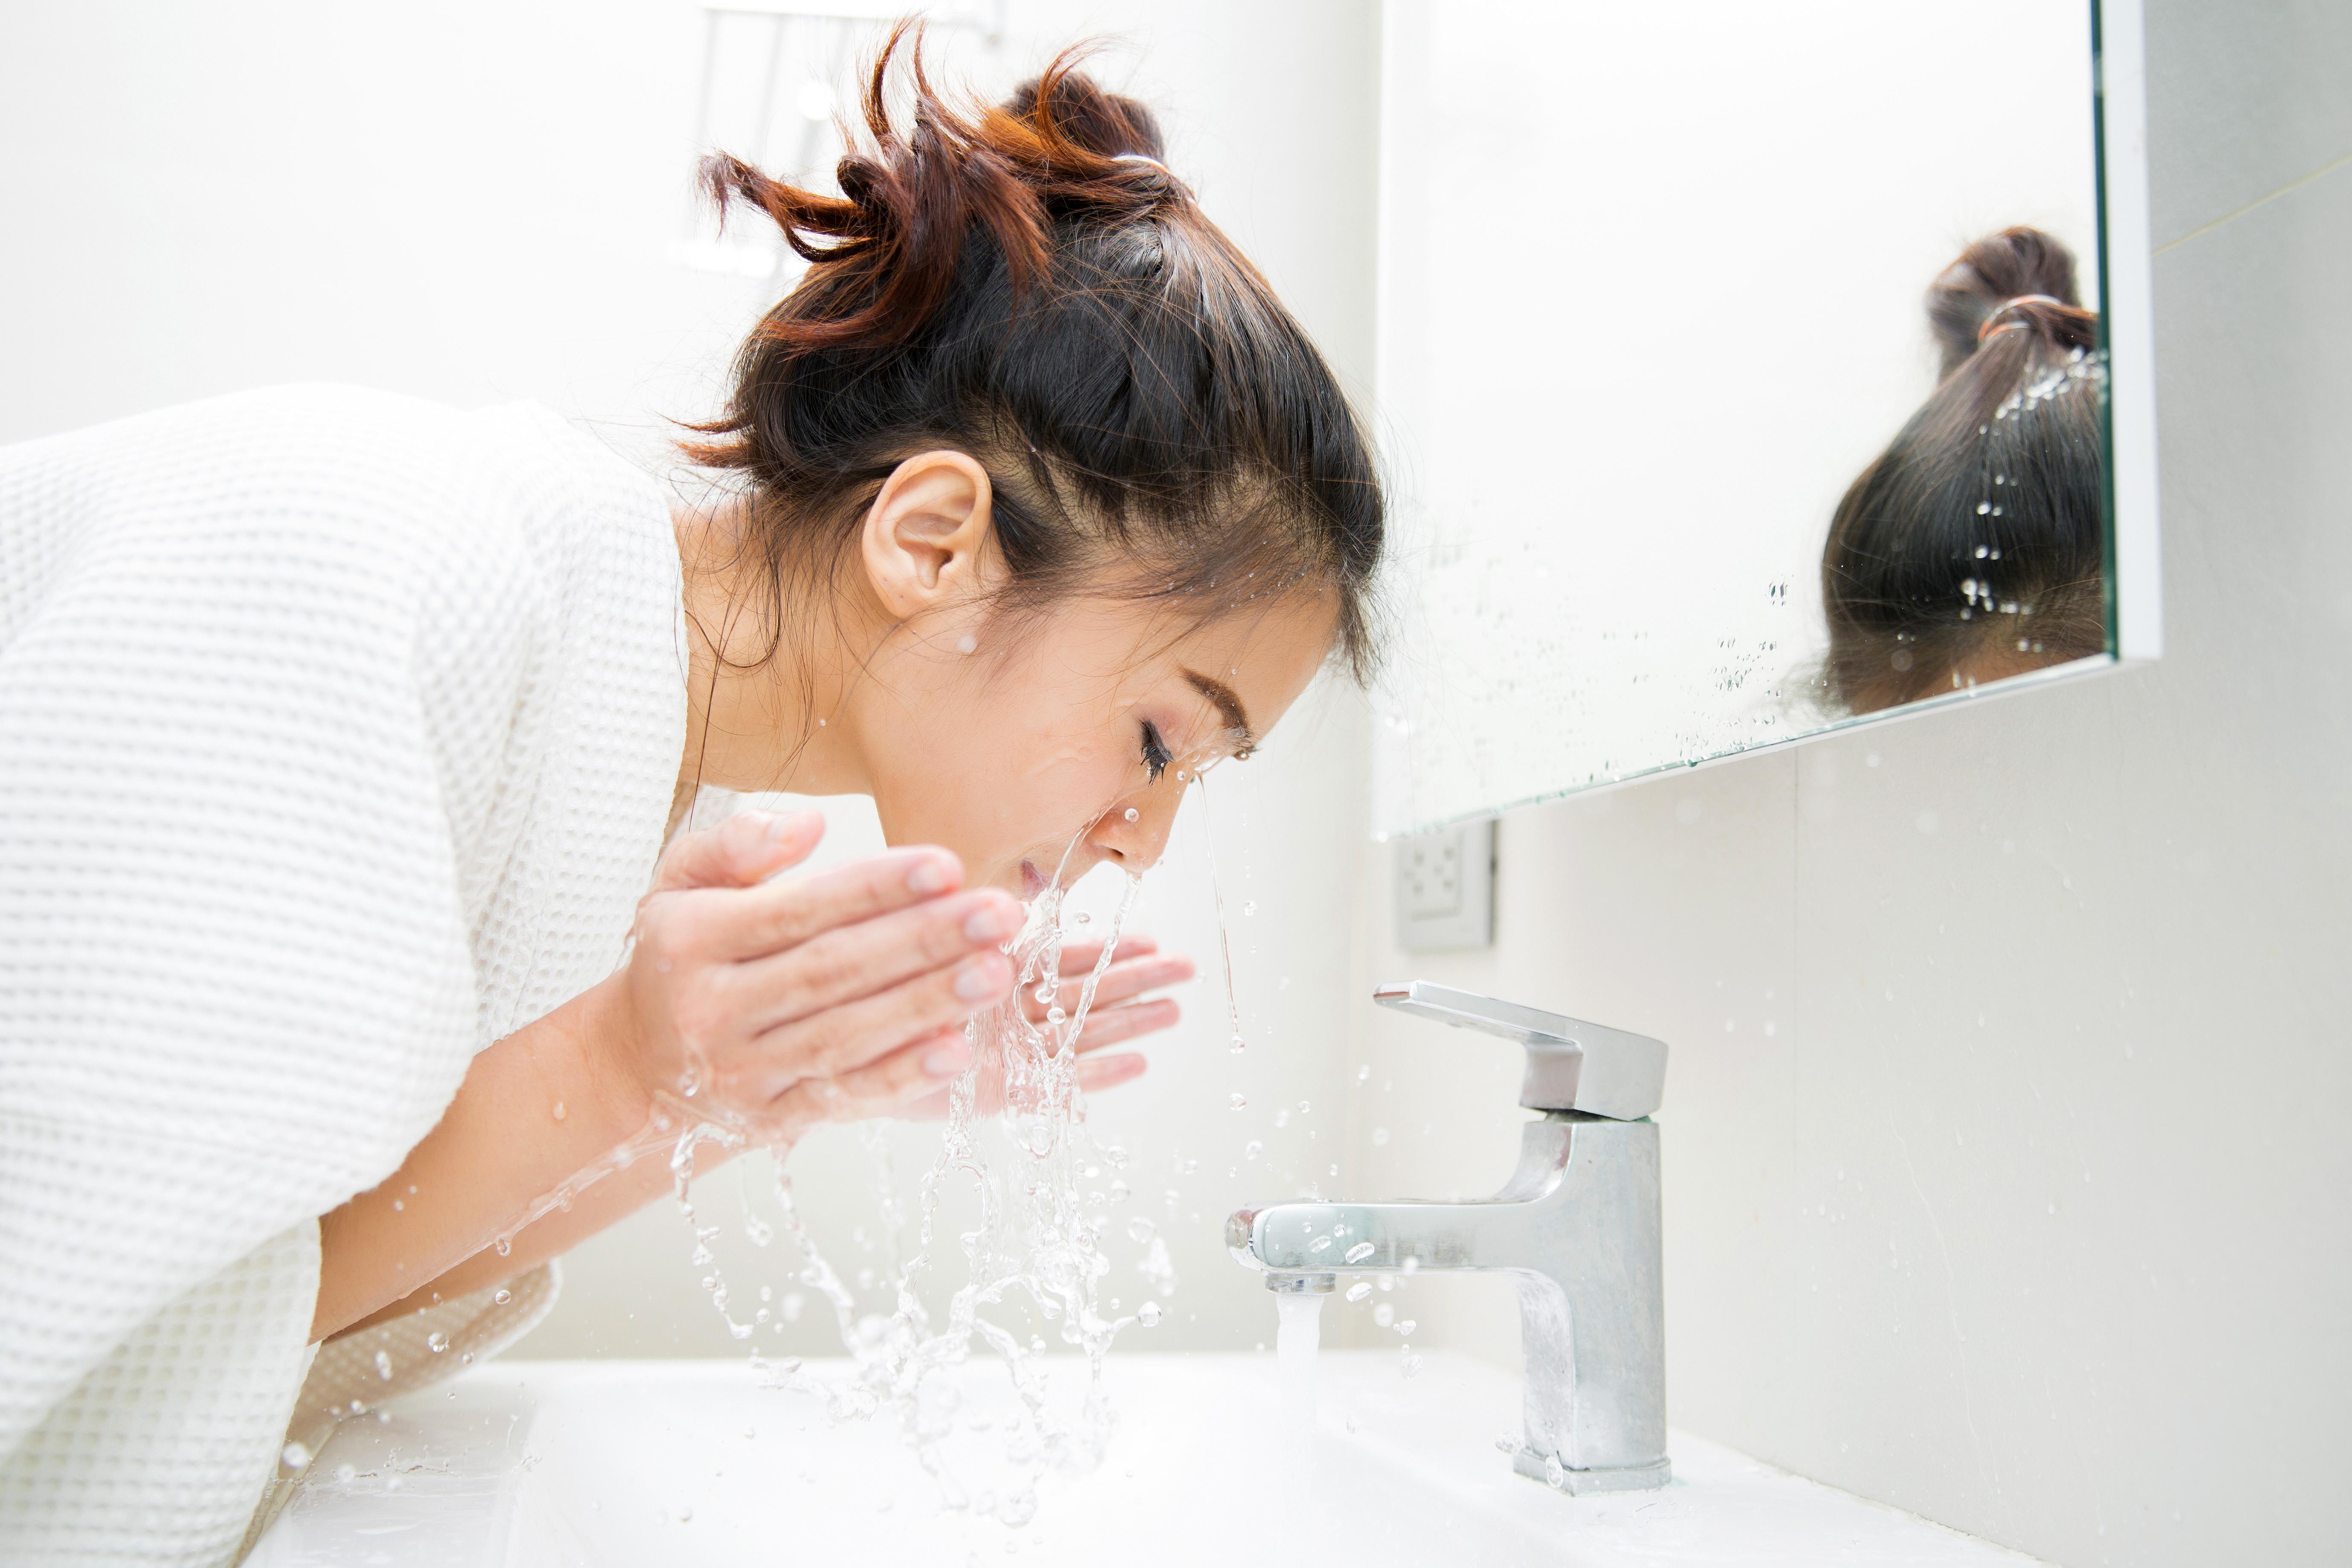 woman splashing water washing face